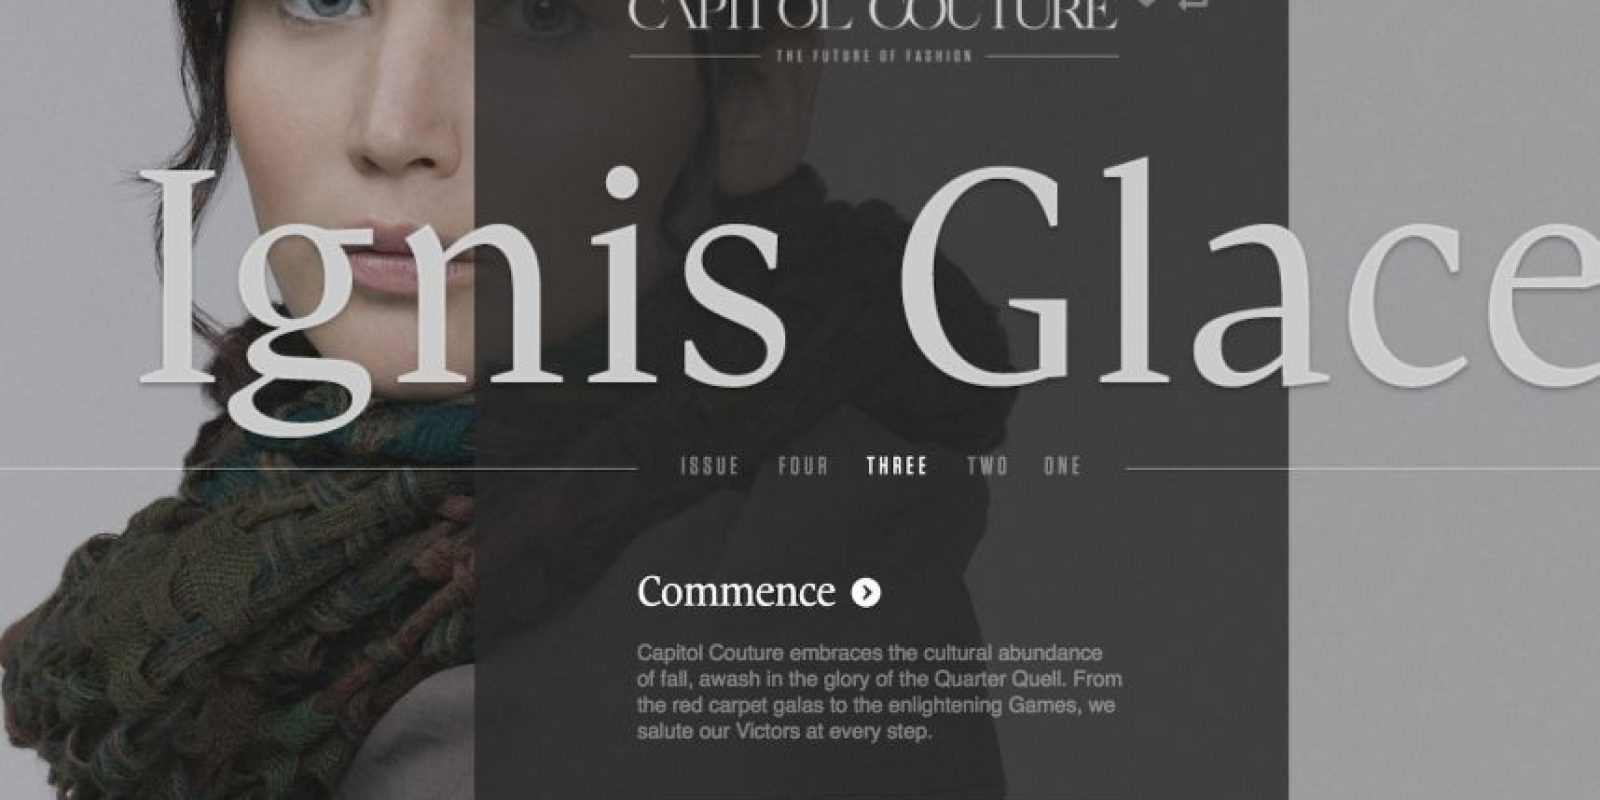 El blog hace sentir al lector en Panem, la capital mencionada en la saga. Foto:Capitol Couture